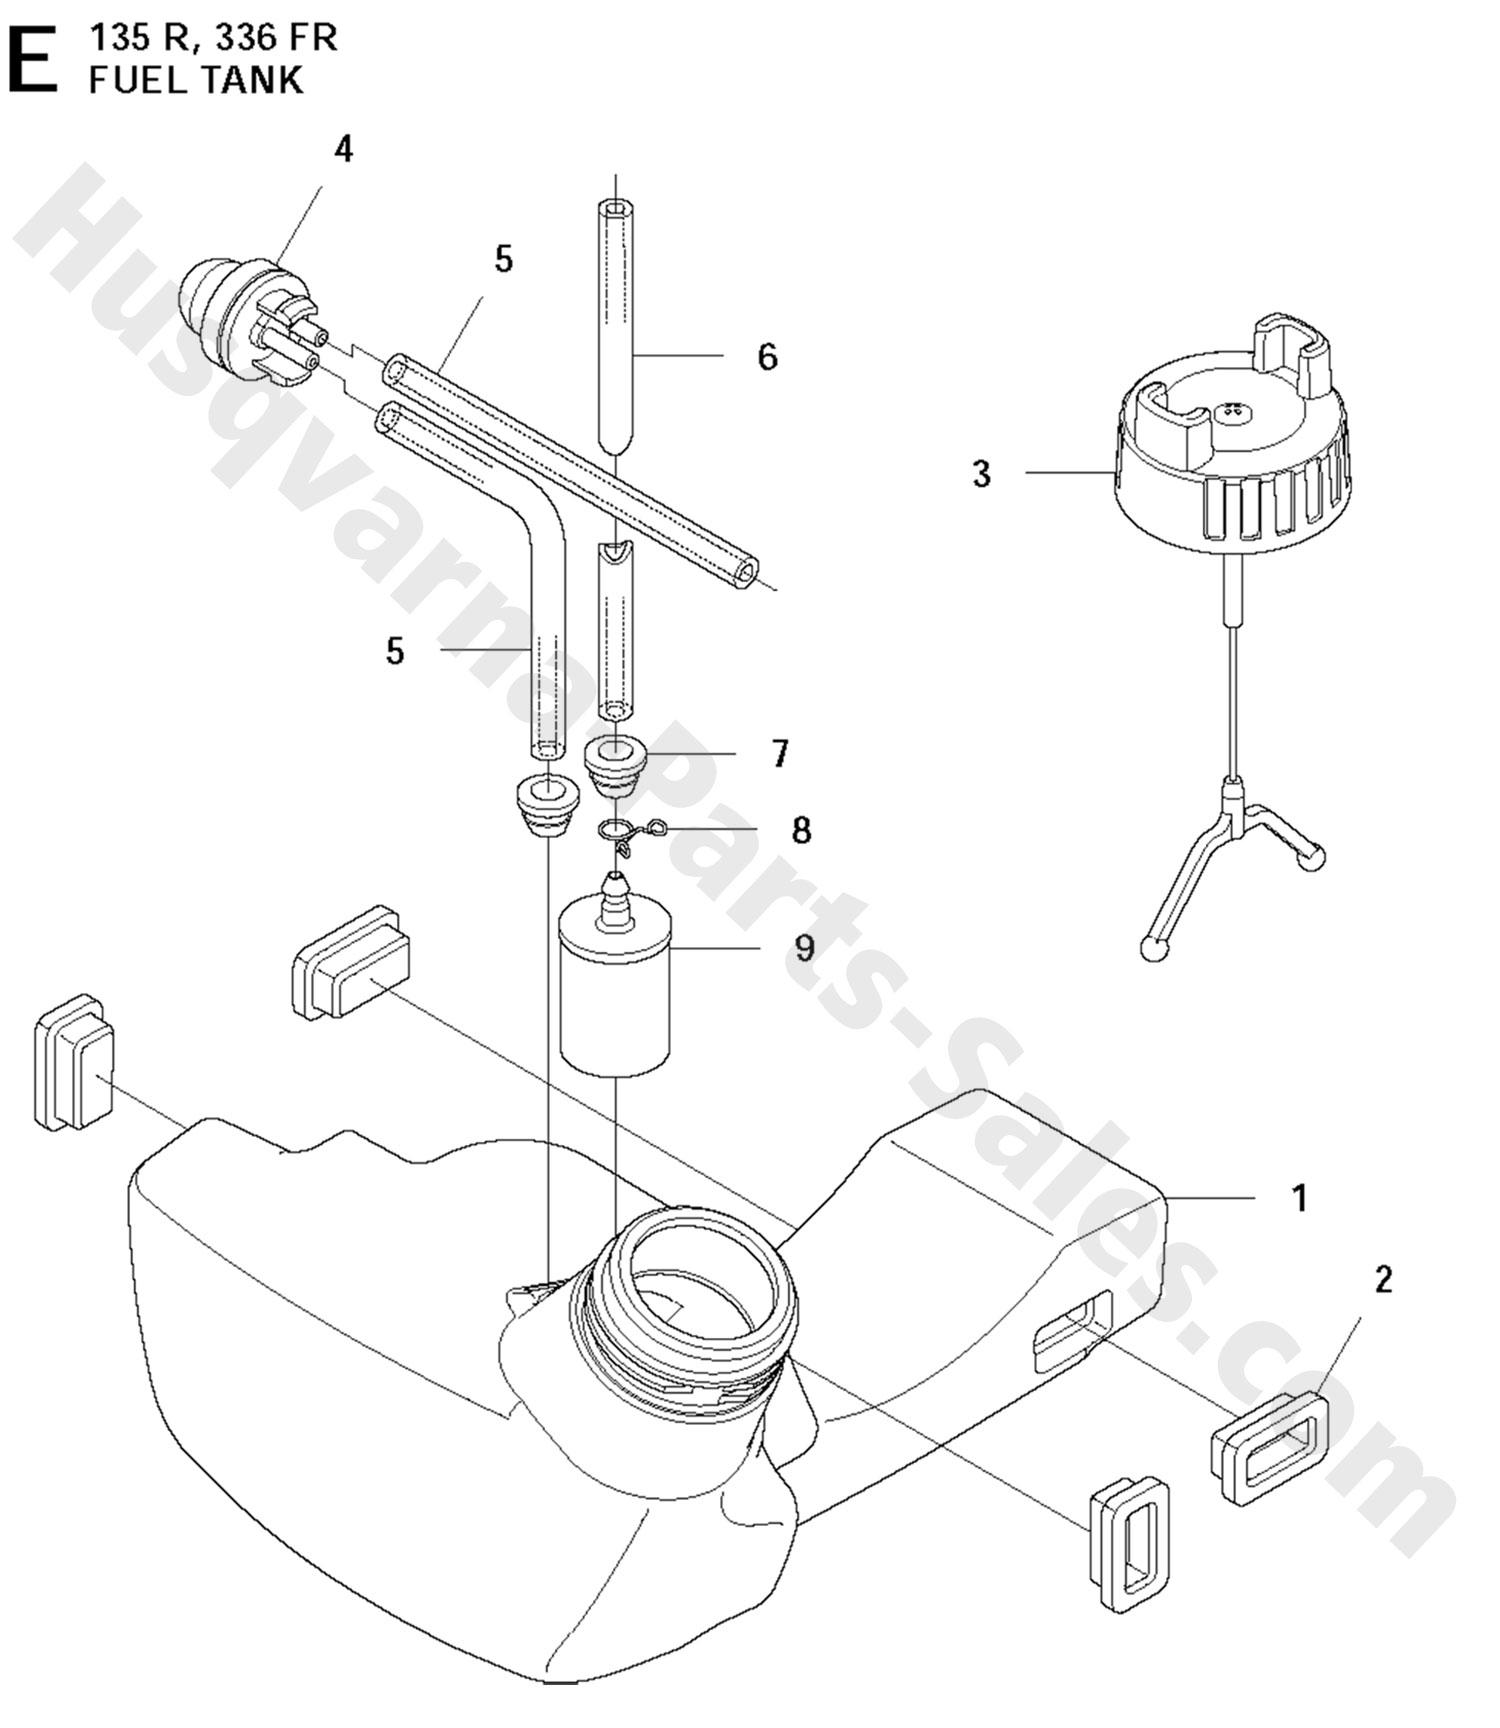 336FR Husqvarna Brushcutter Fuel Tank Parts